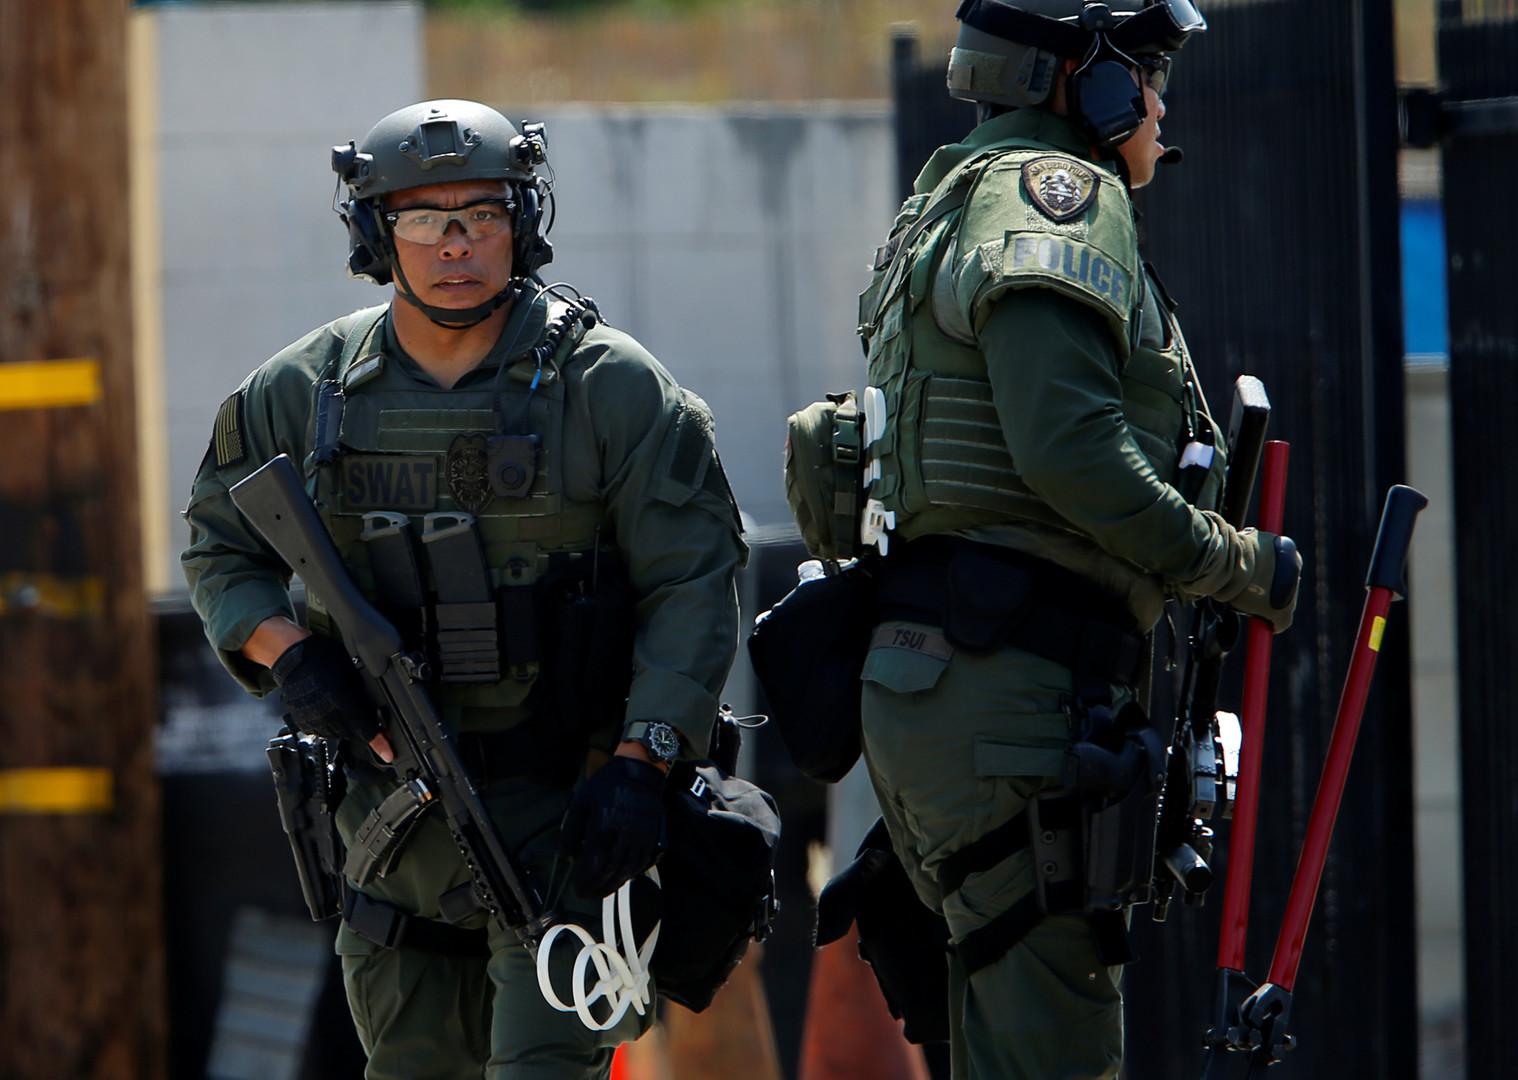 Спецназ провёл рейд после сообщений о захвате заложников в Ньюарке